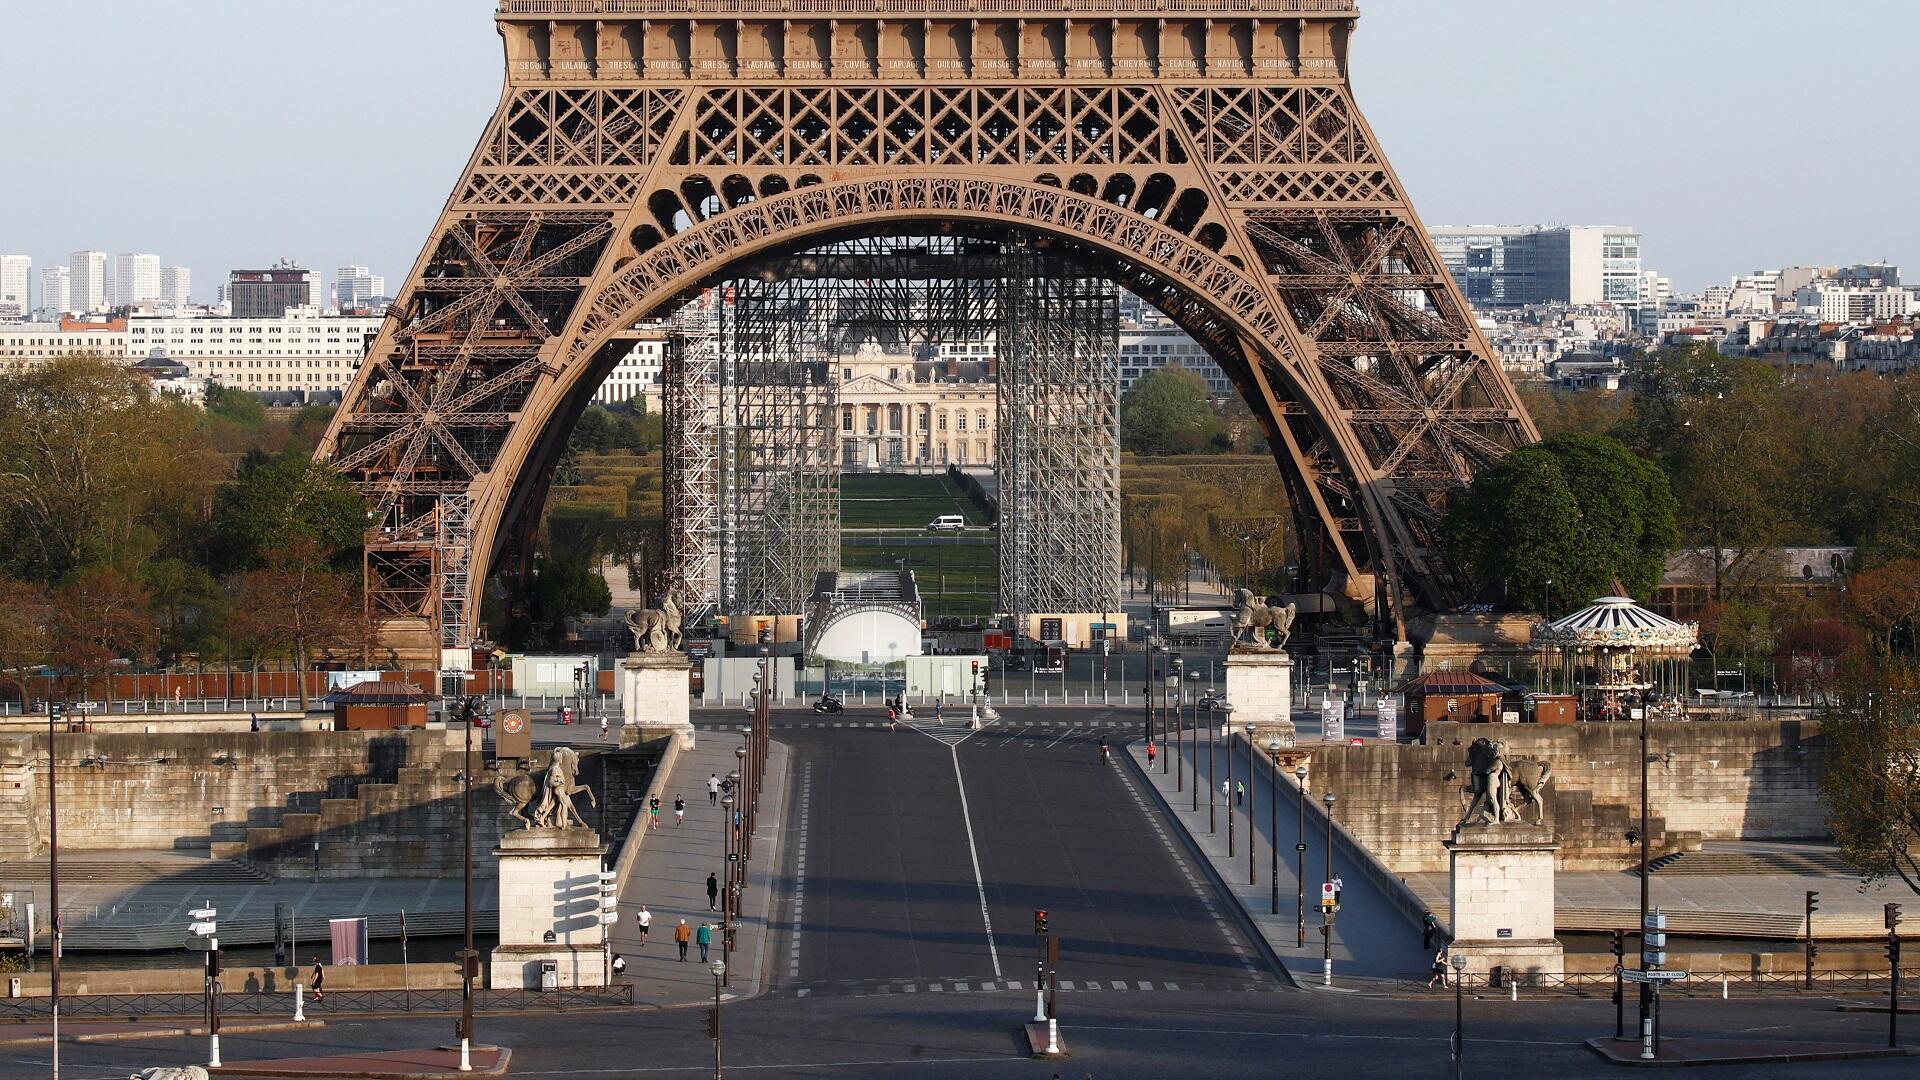 شوارع العاصمة الفرنسية باريس شبه خالية بسبب إجراءات الحجر الصحي بهدف الحد من تفشي فيروس كورونا، 8 أبريل/نيسان 2020.